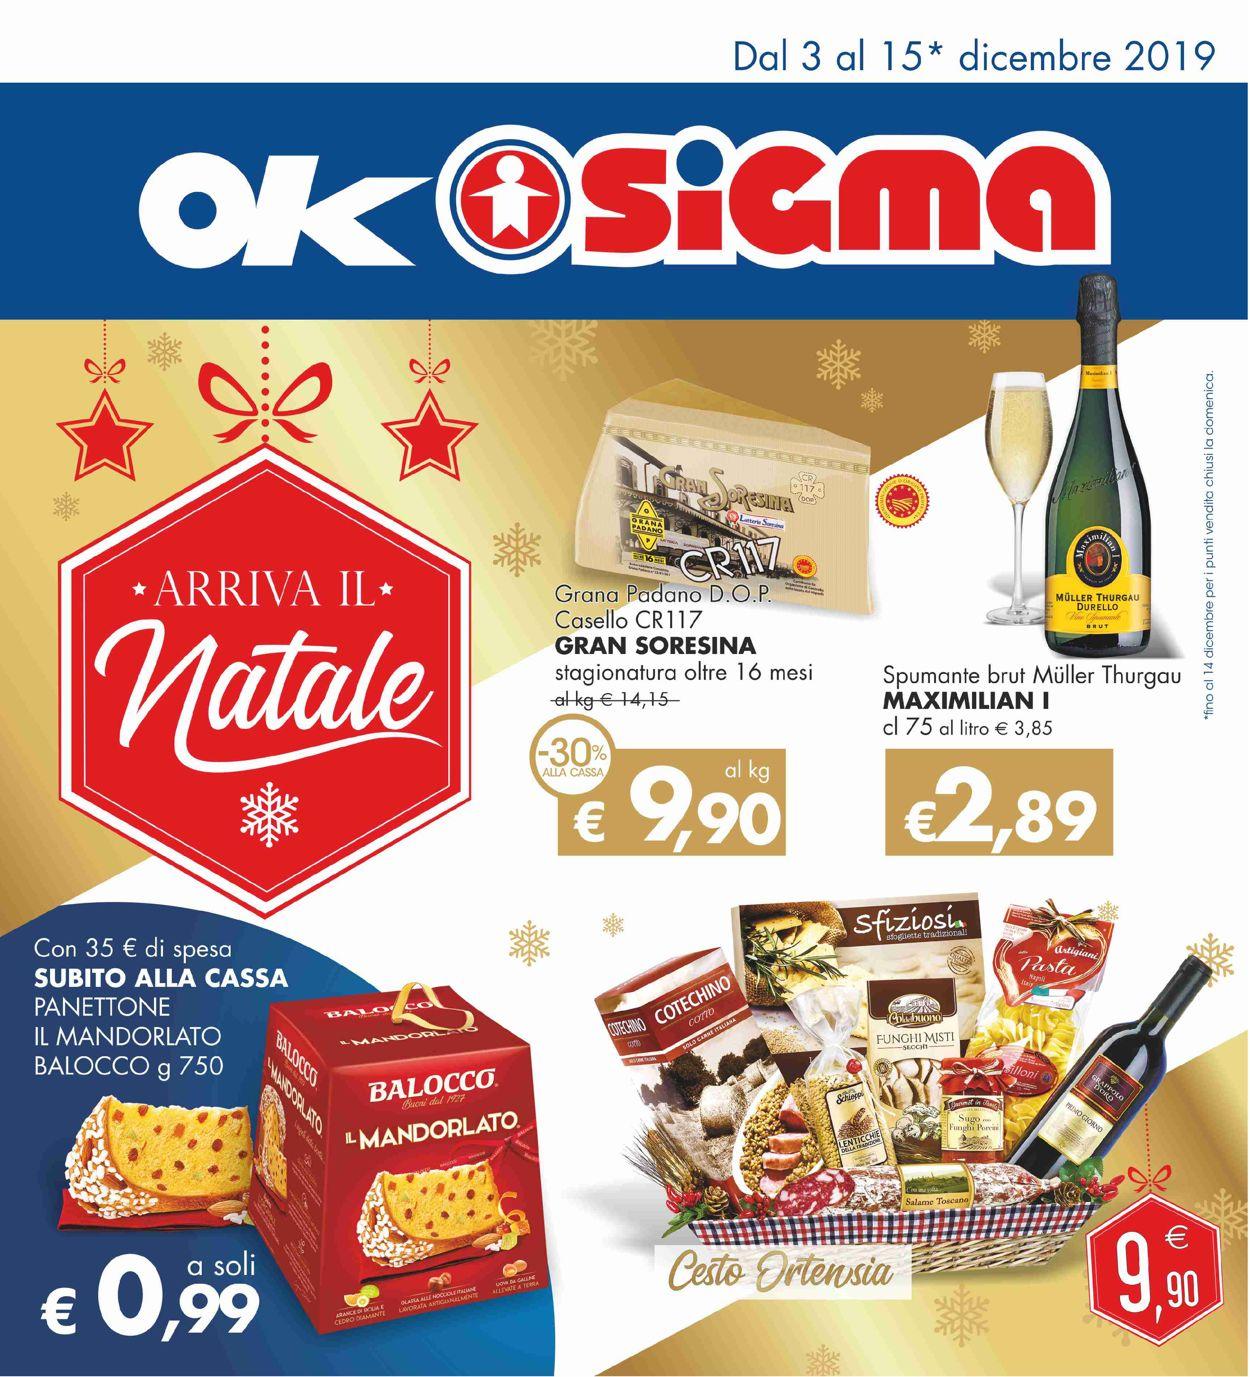 Volantino Il volantino natalizio di Sigma - Offerte 03/12-15/12/2019